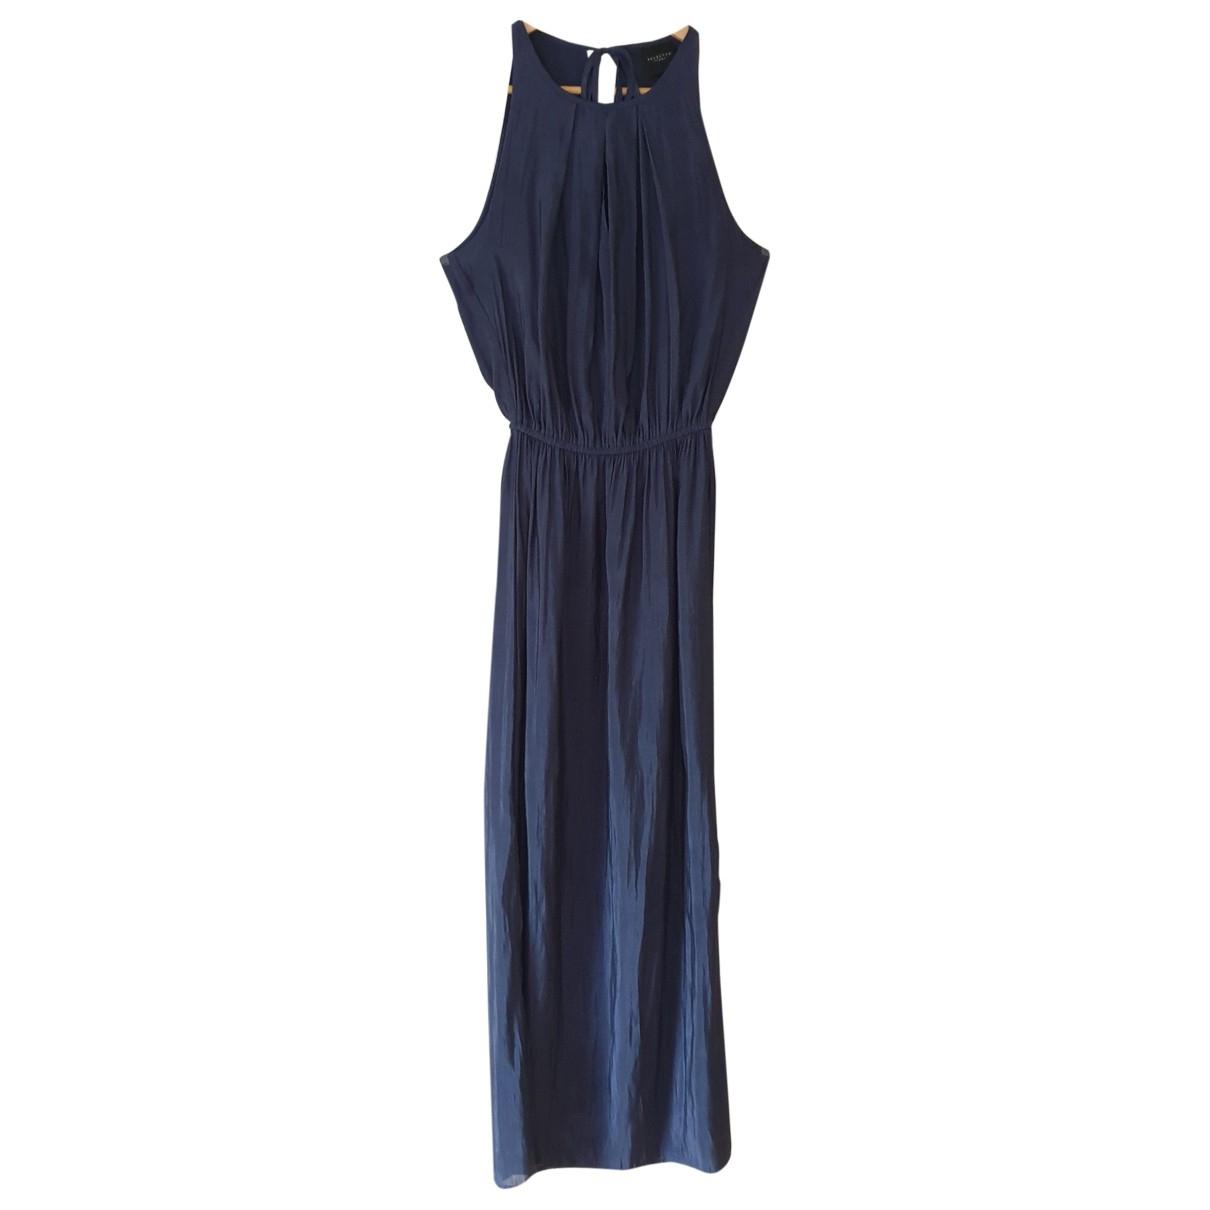 Selected - Robe   pour femme - bleu